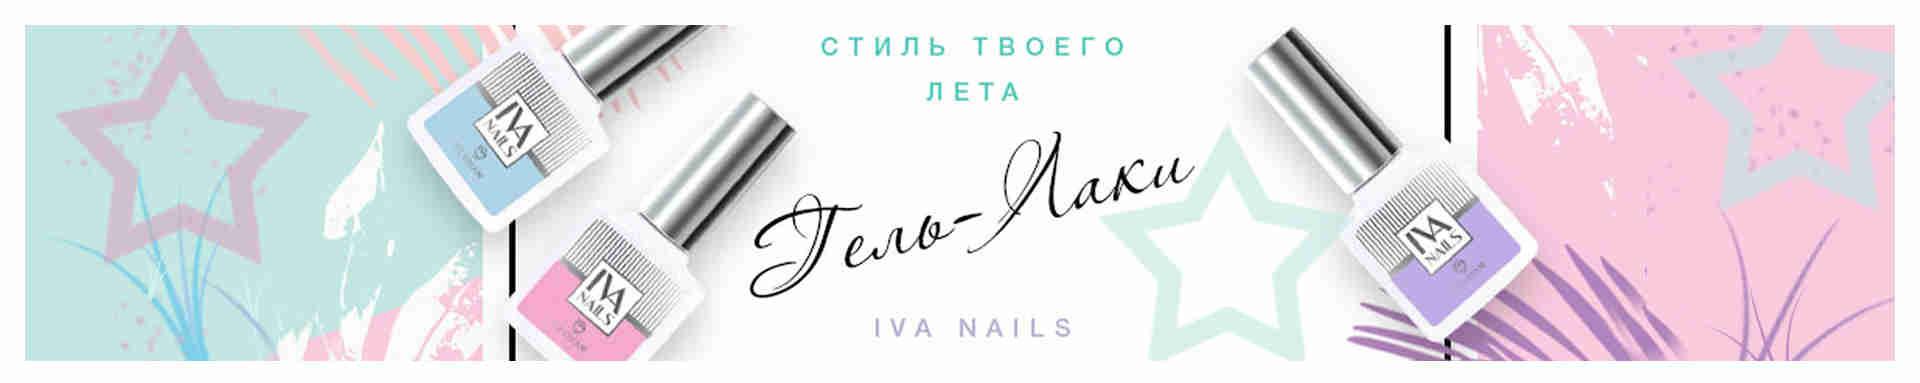 Гель лаки IVA Nails в продаже